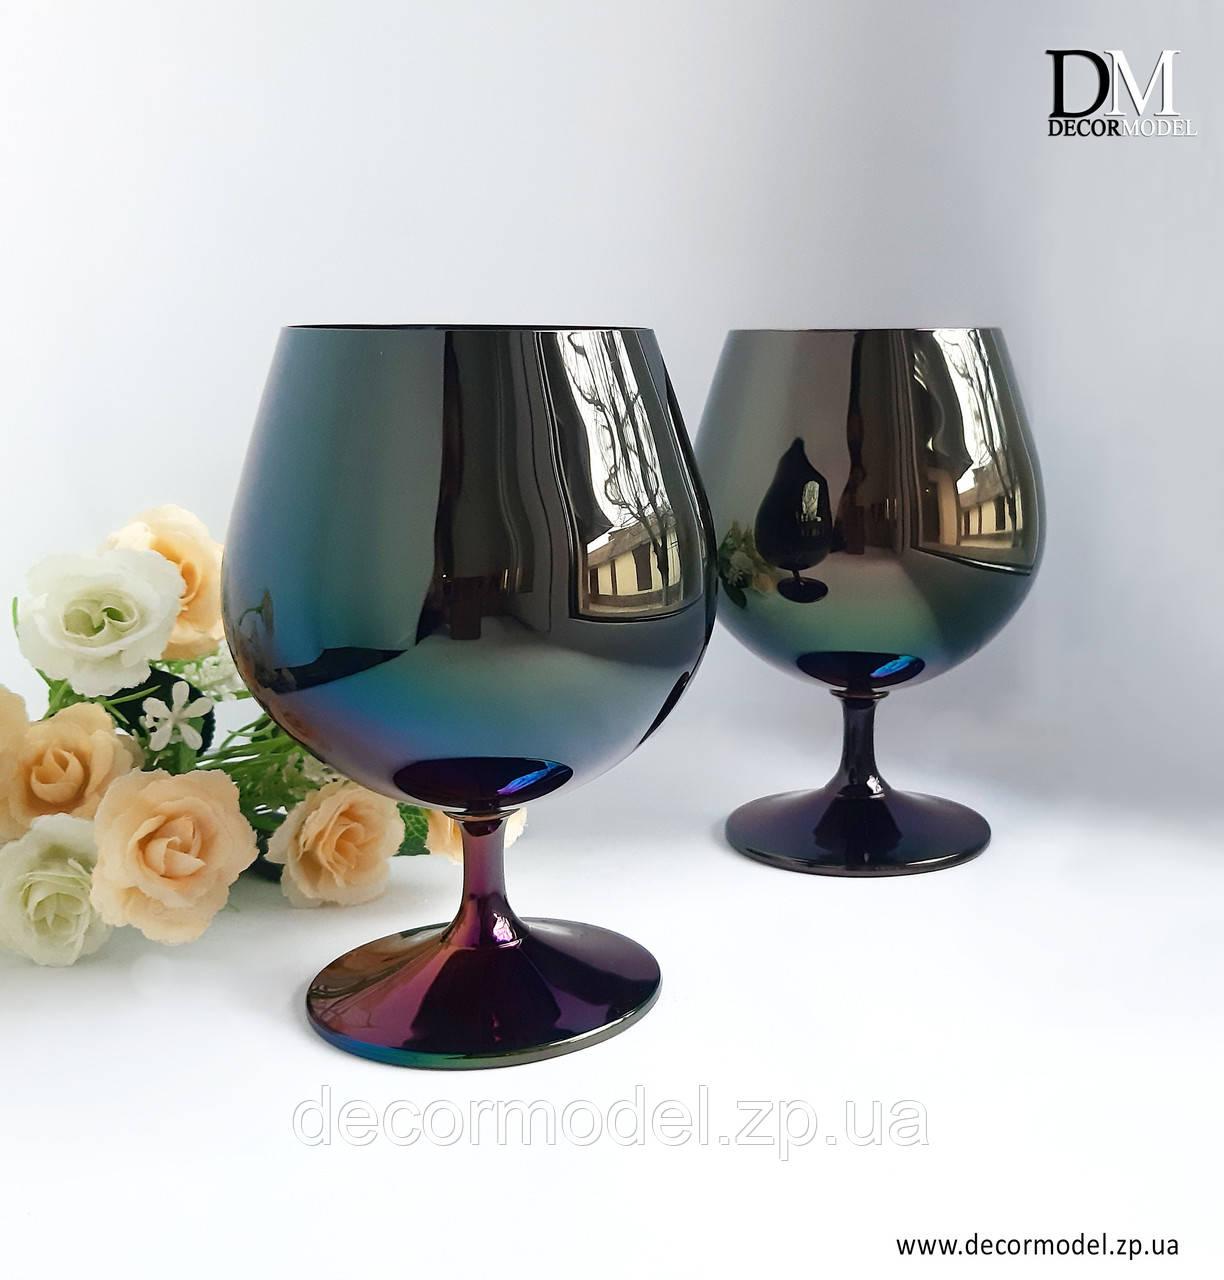 Набор бокалов для бренди Aurora Modena 400 ml (цвет: ЧЕРНЫЙ хамелеон)